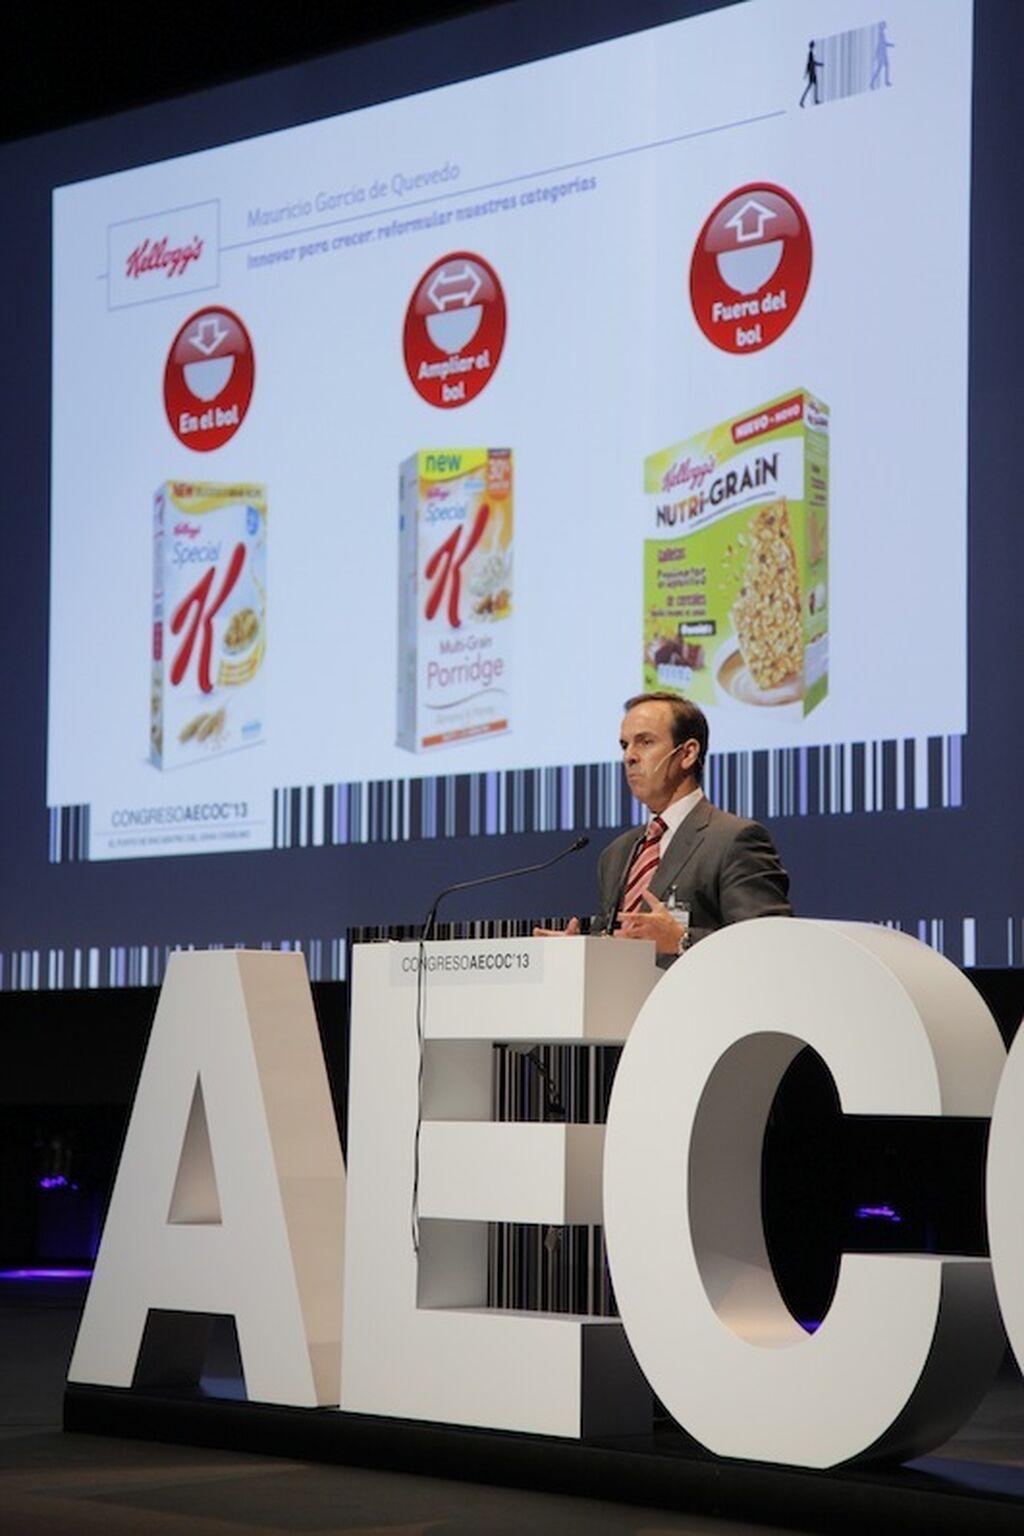 Mauricio García de Quevedo, presidente consejero delegado de Kellogg's, una marca que innova